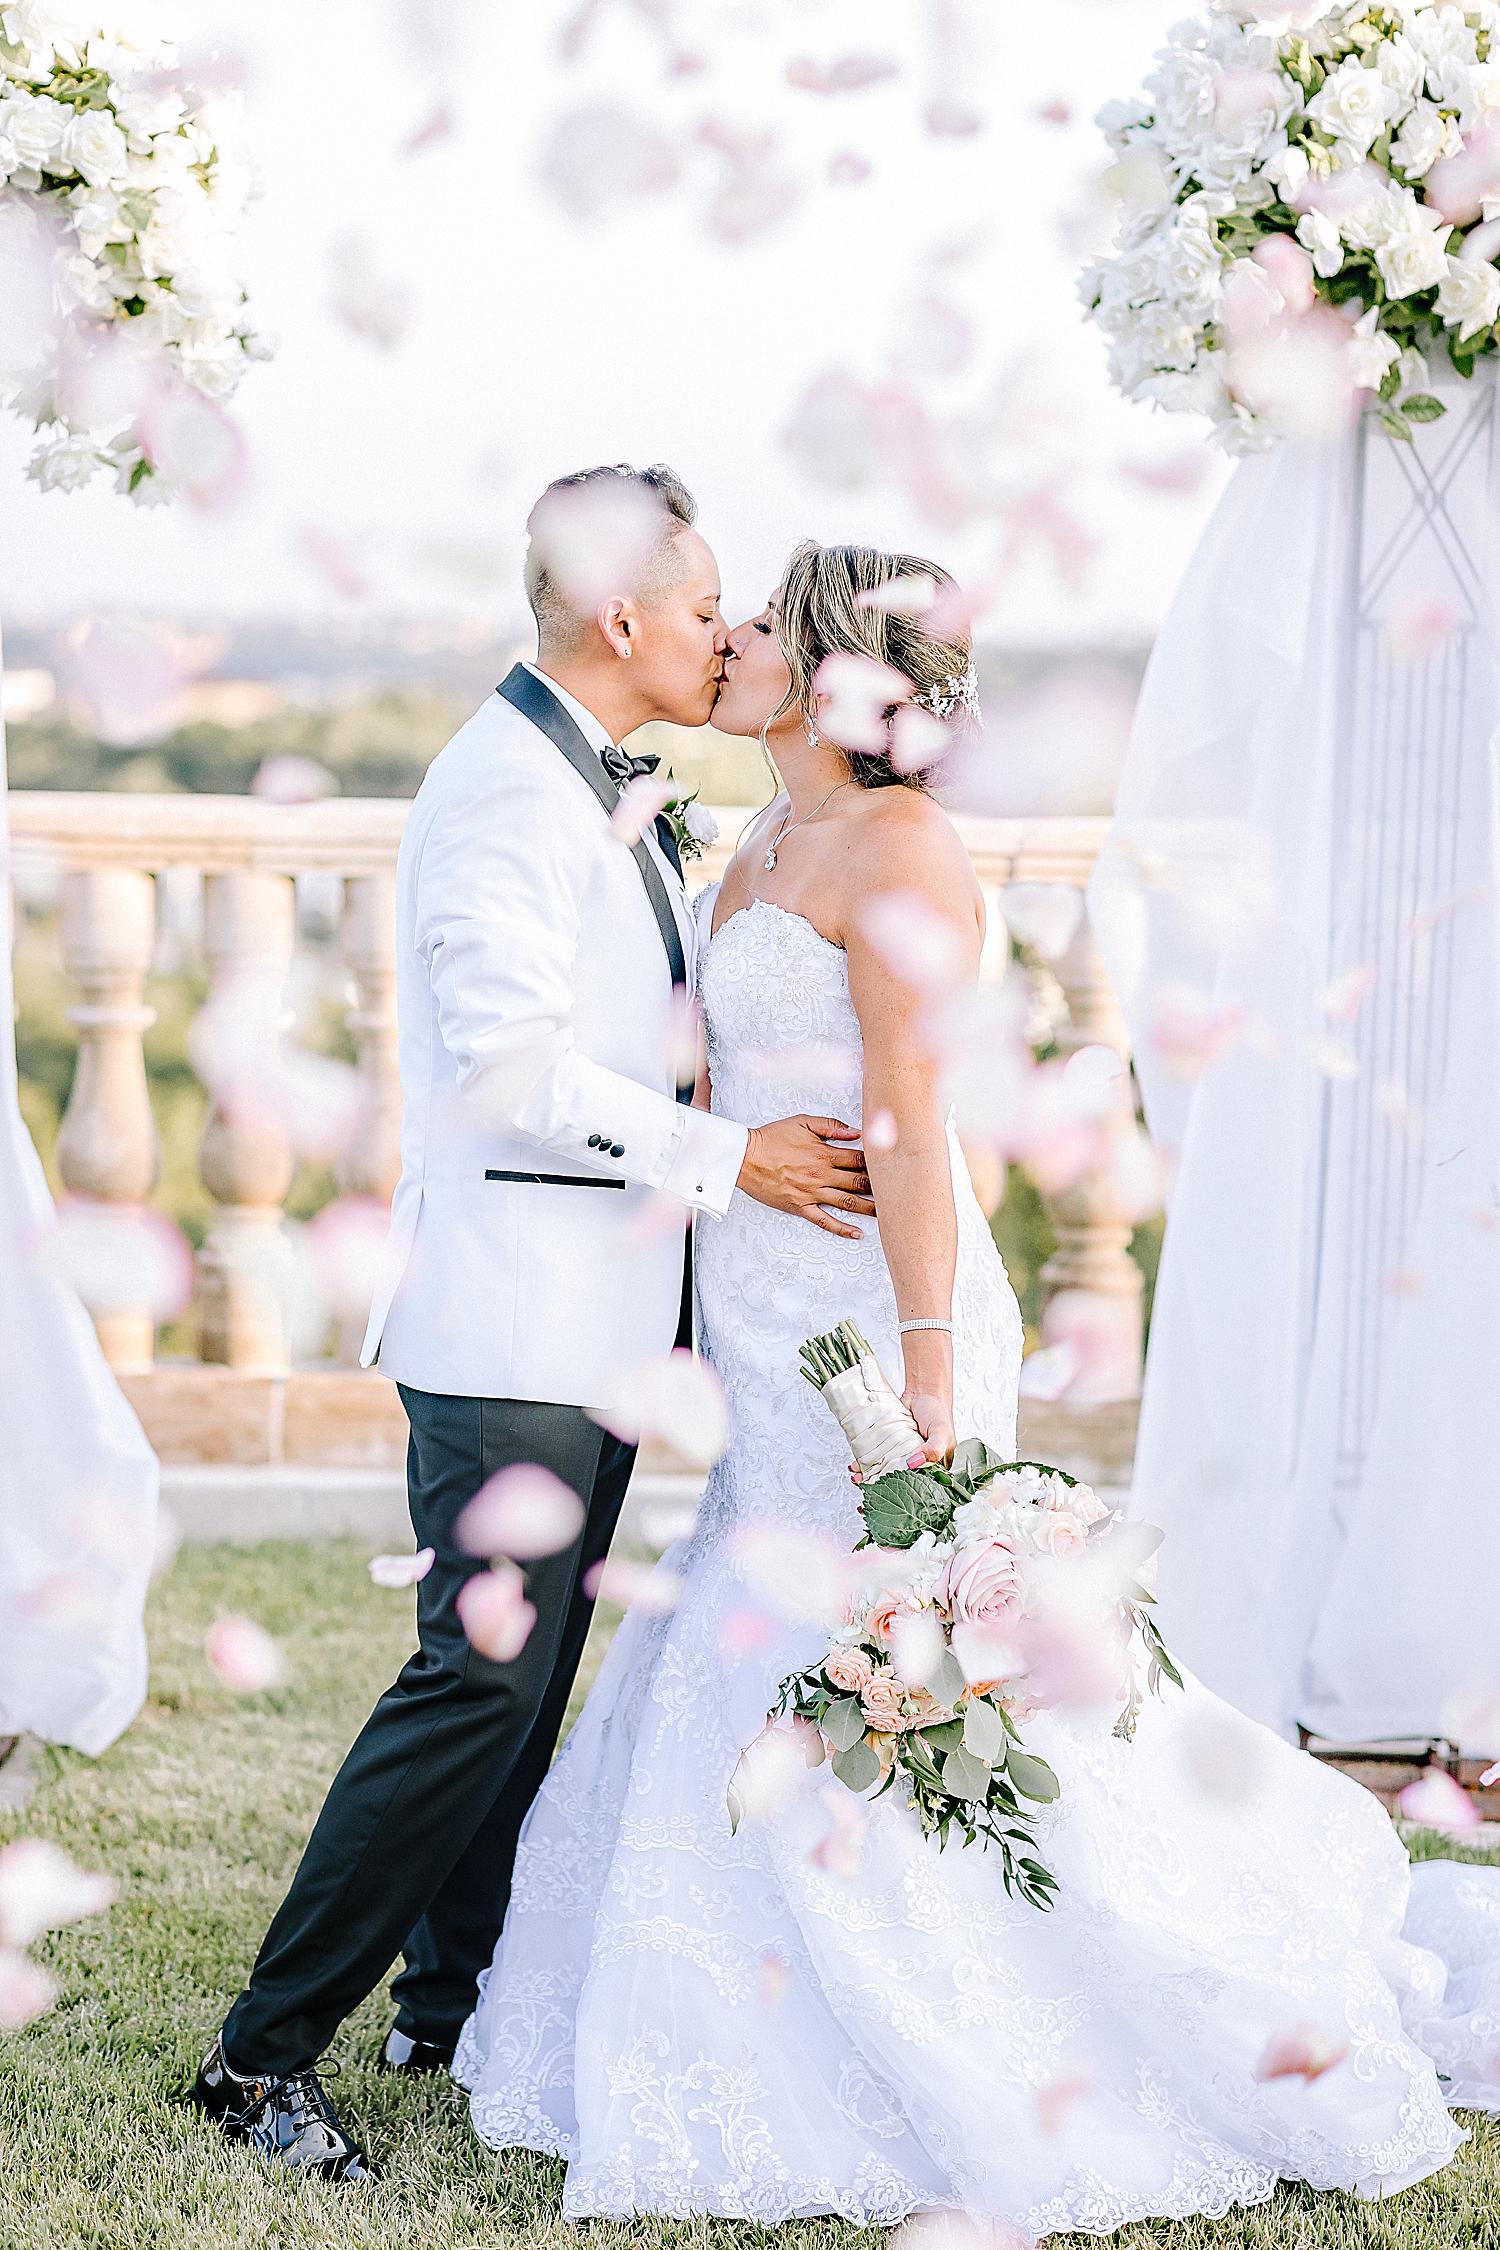 Carly-Barton-Photography-The-Villa-at-Cielo-Vista-Blush-Gold-White-Wedding-Photos_0153.jpg